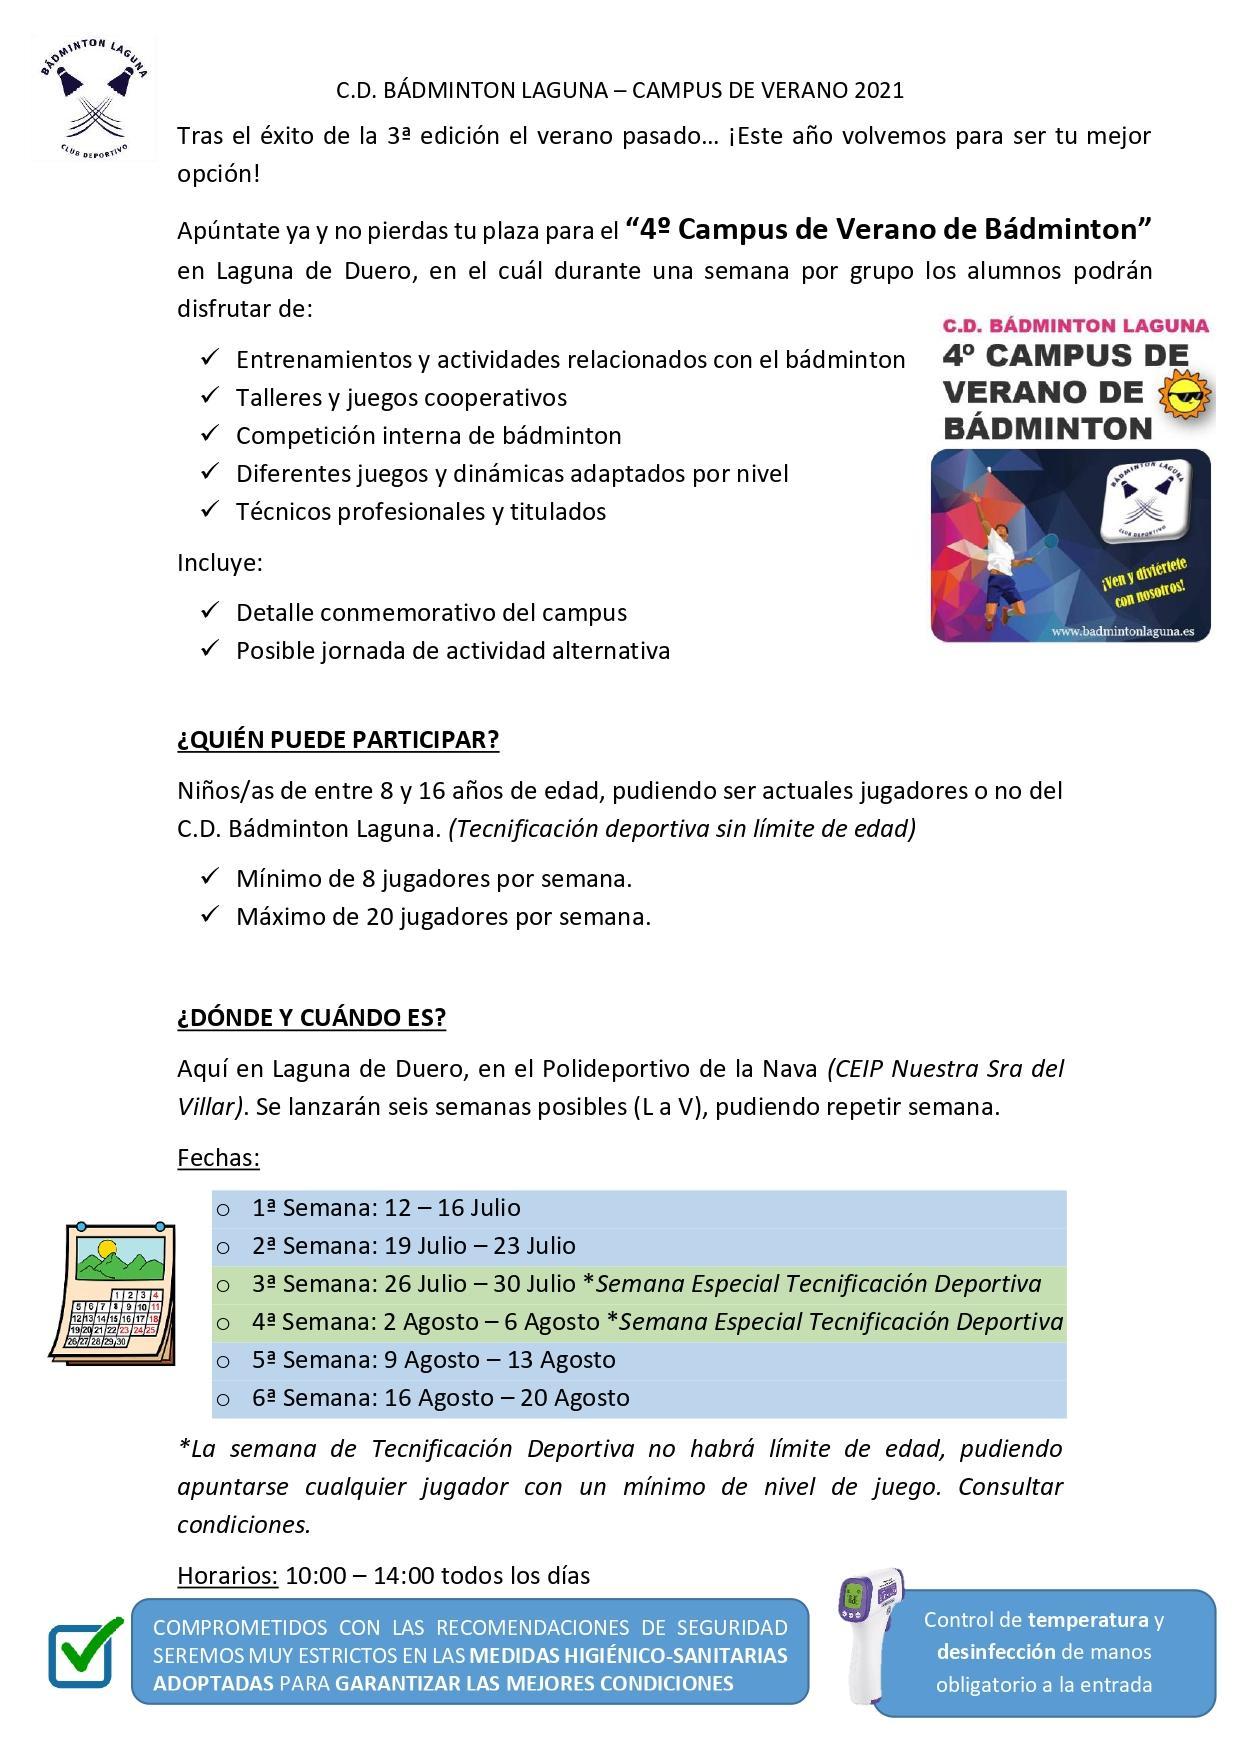 Informacion campus de verano 21 c d badminton laguna final page 0001